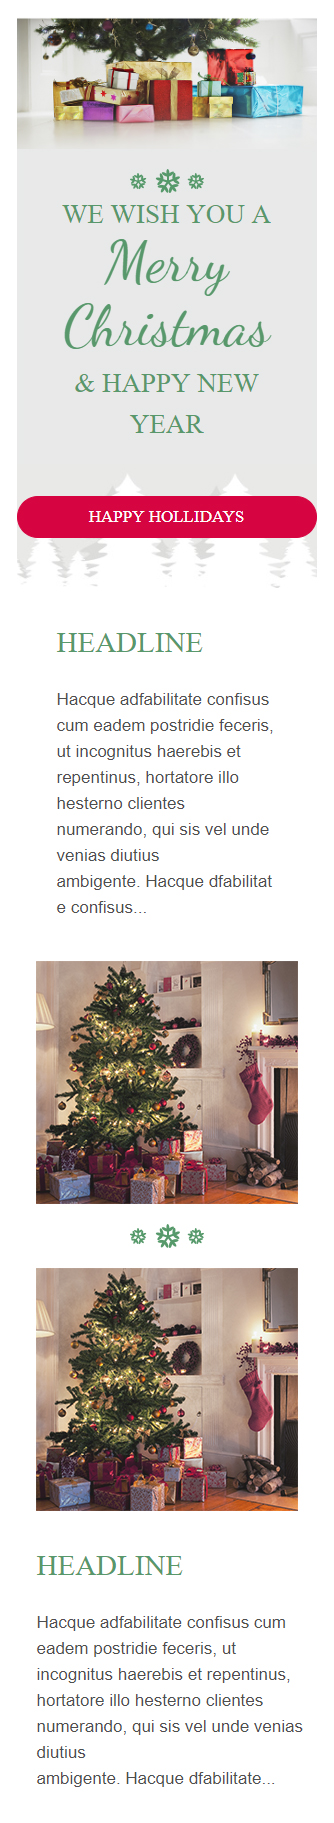 Templates Emailing Christmas Sarbacane